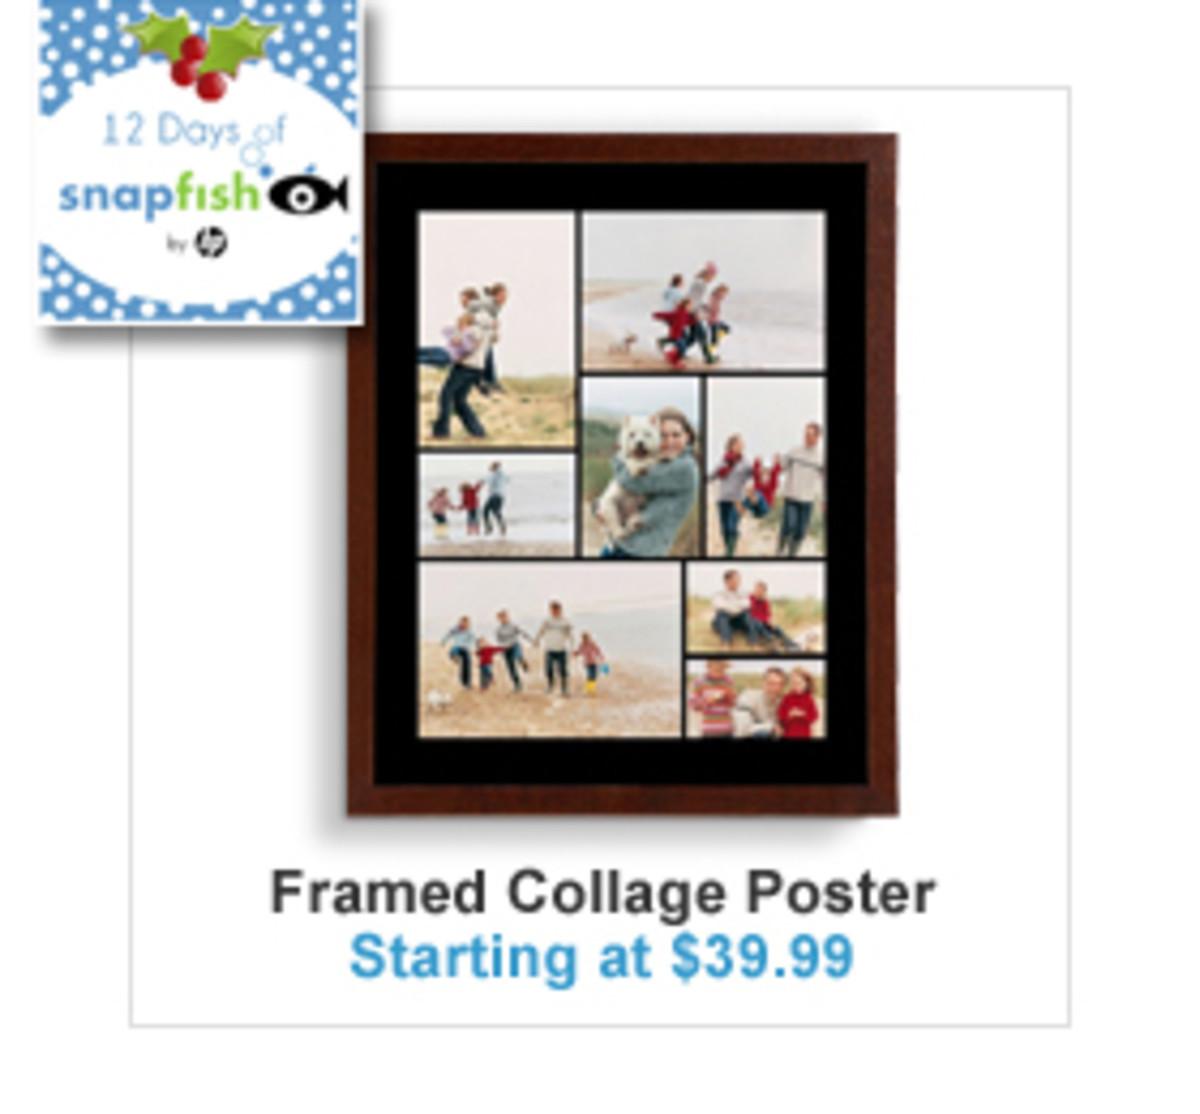 FramedCollagePoster